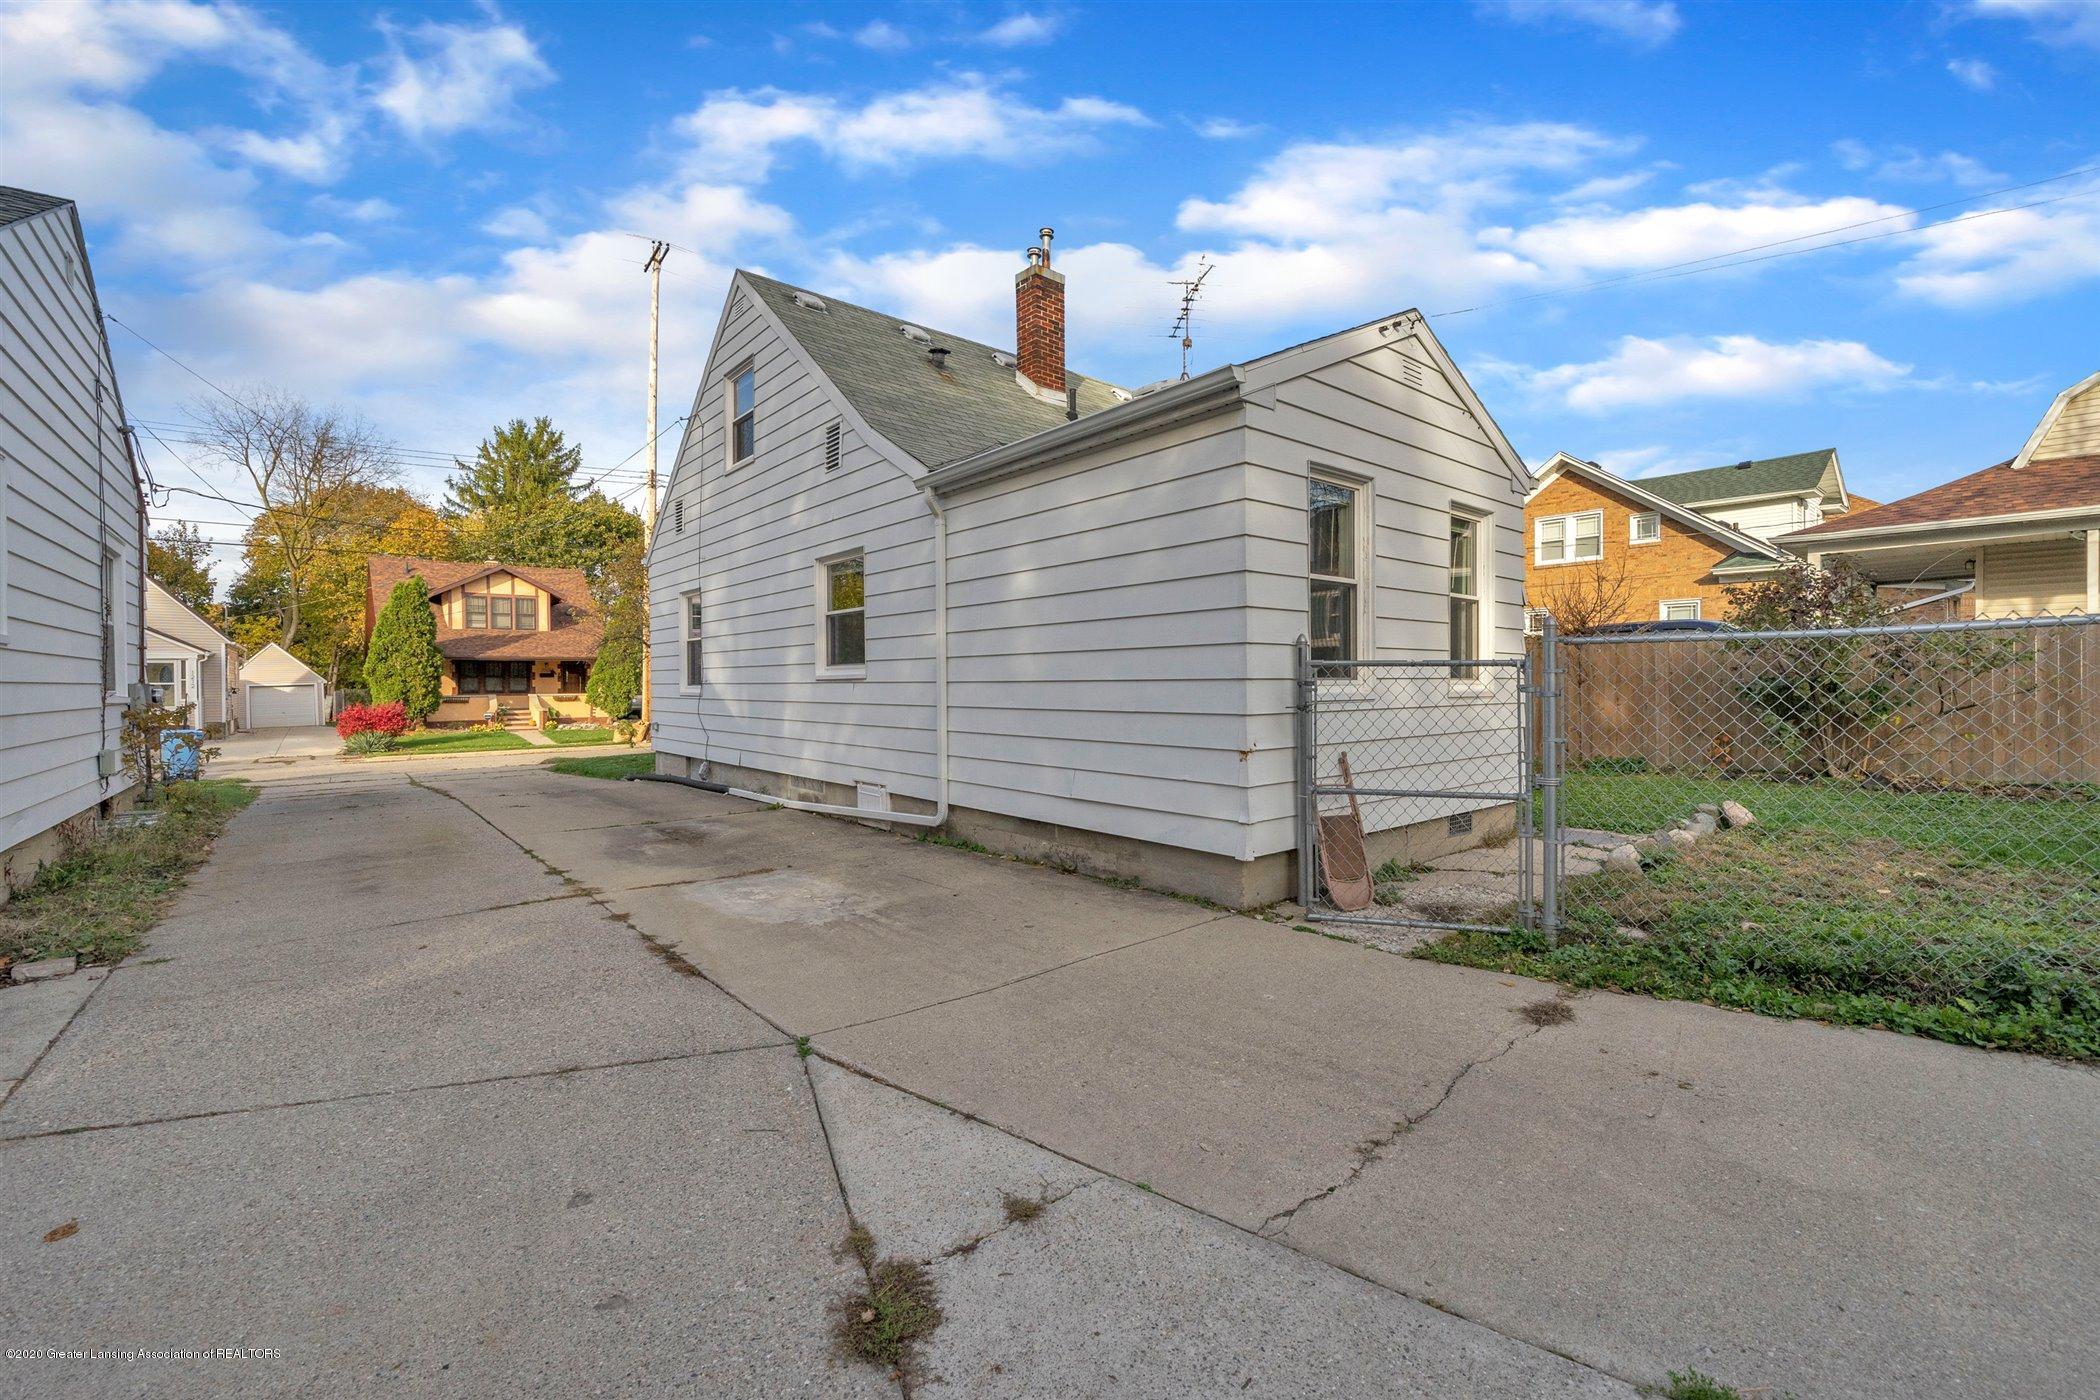 1209 Lenore Ave - 36-1209-Lenore-Ave-WindowStill-Real - 36